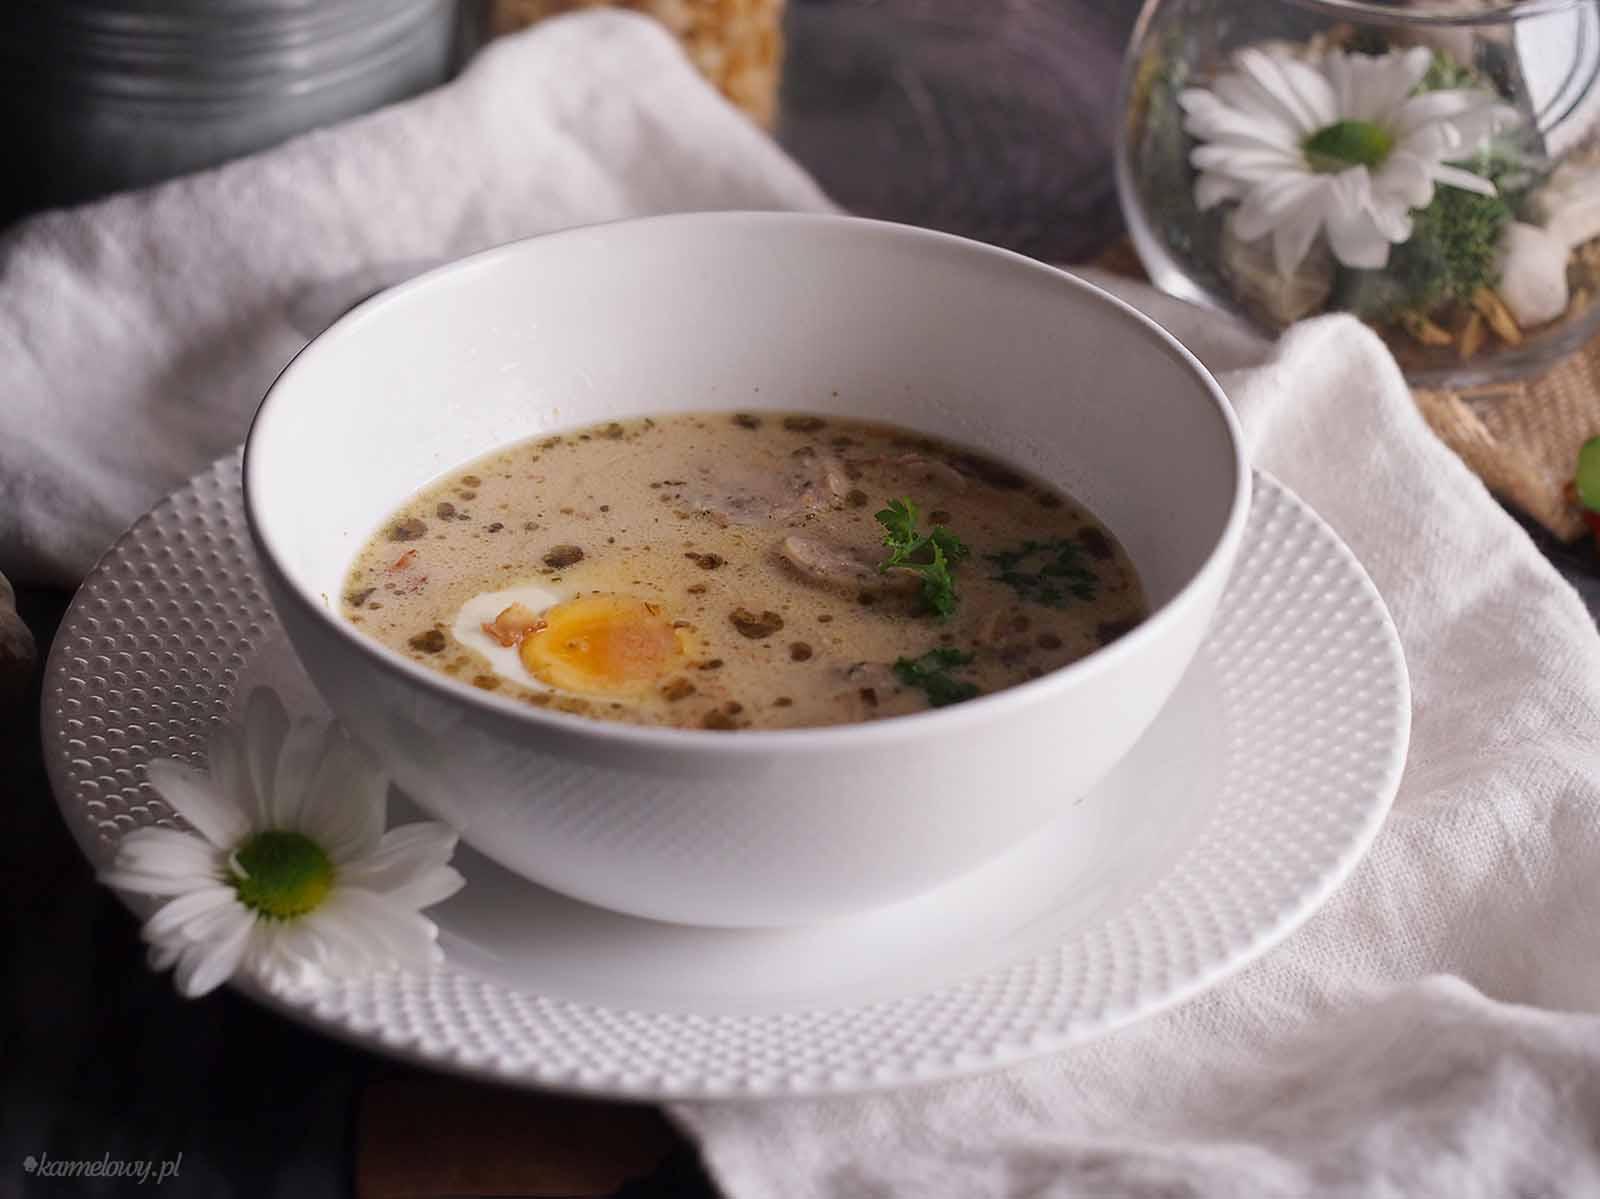 zurek-z-biala-kielbasa-i-grzybami-Sour-rye-soup-with-sausage-and-mushrooms